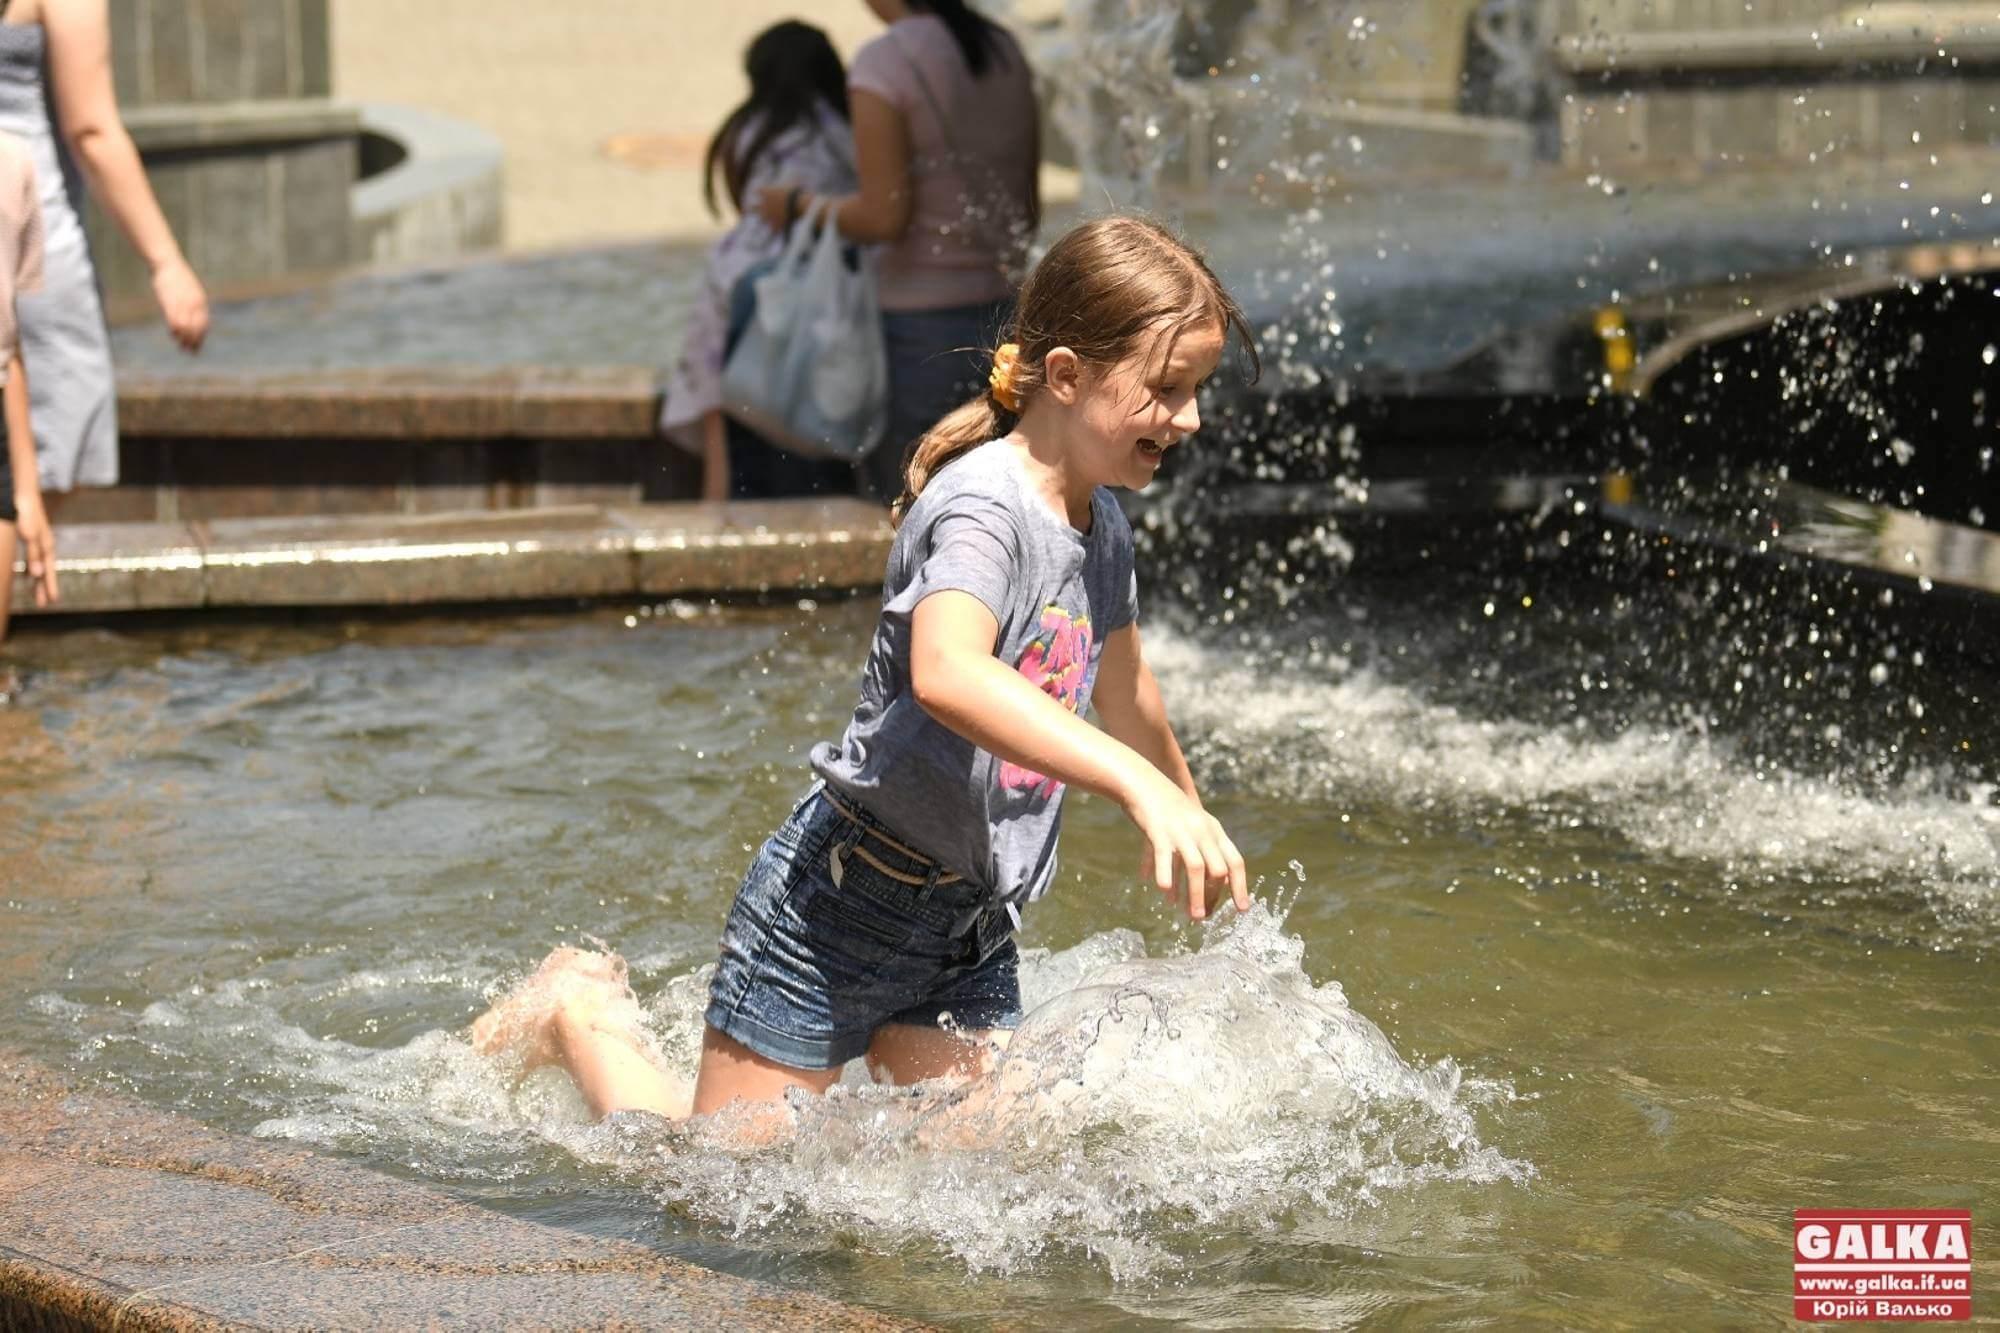 Франківці шукають порятунок від спеки поблизу фонтану, дехто – у ньому (ФОТО)